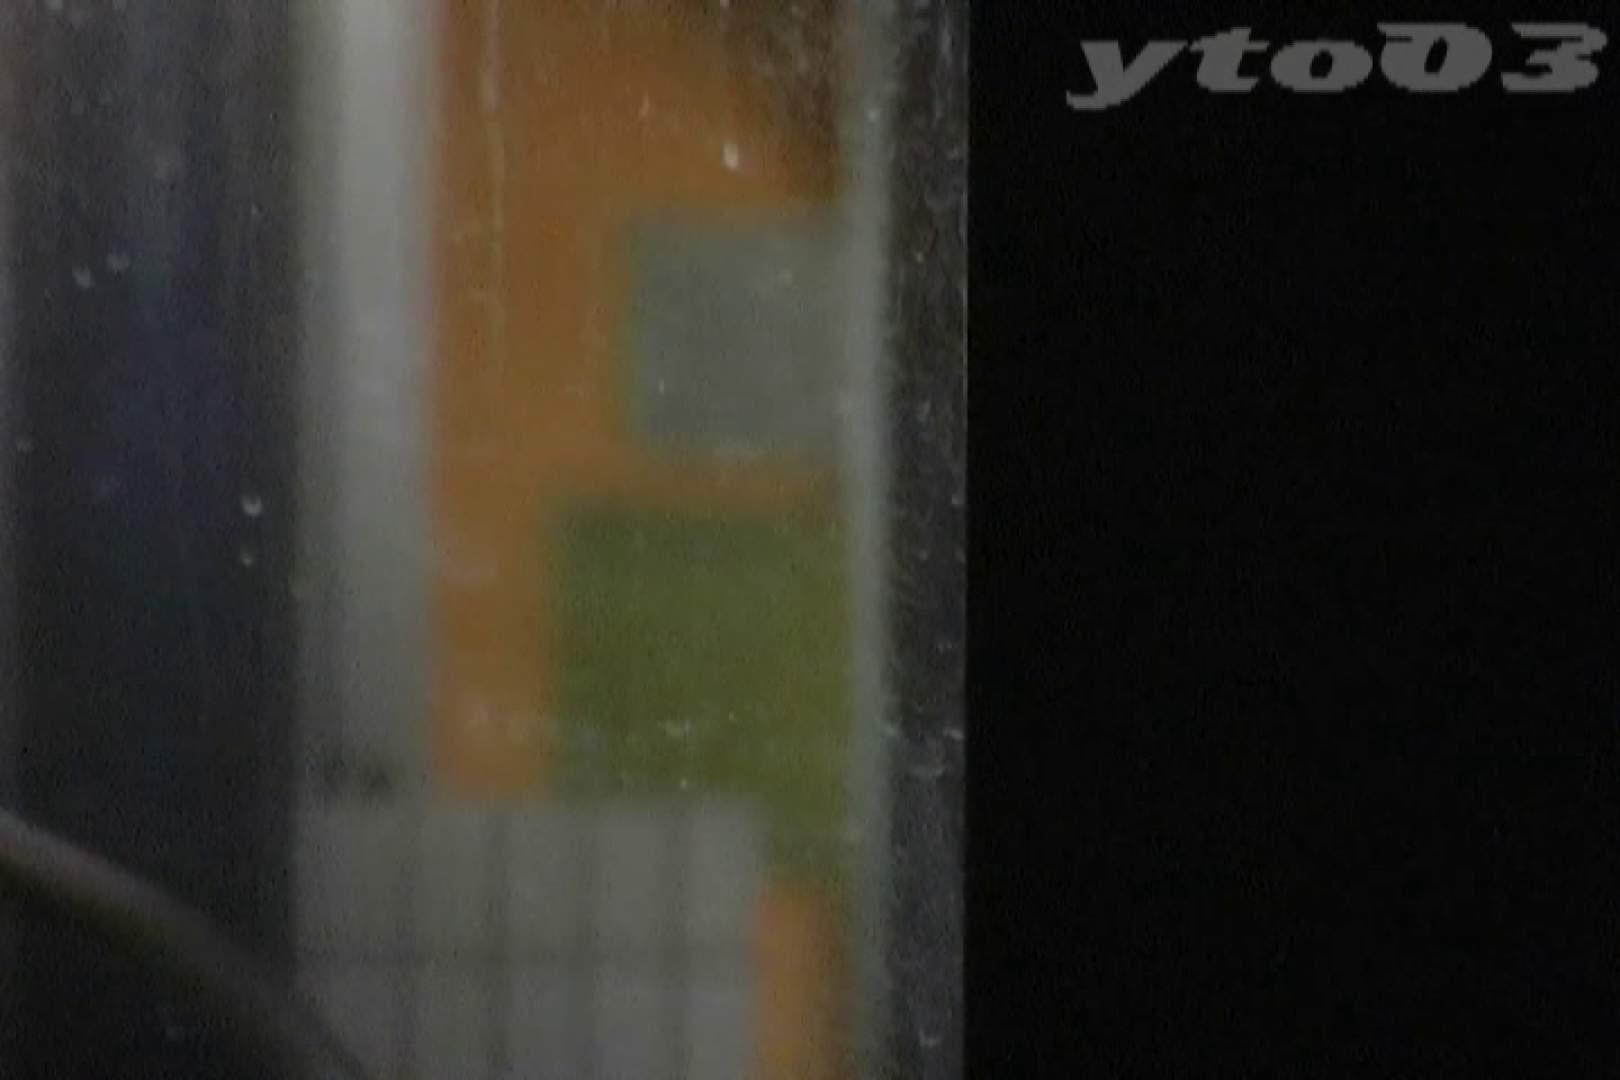 ▲復活限定▲合宿ホテル女風呂盗撮 Vol.17 盗撮で悶絶 アダルト動画キャプチャ 100画像 52